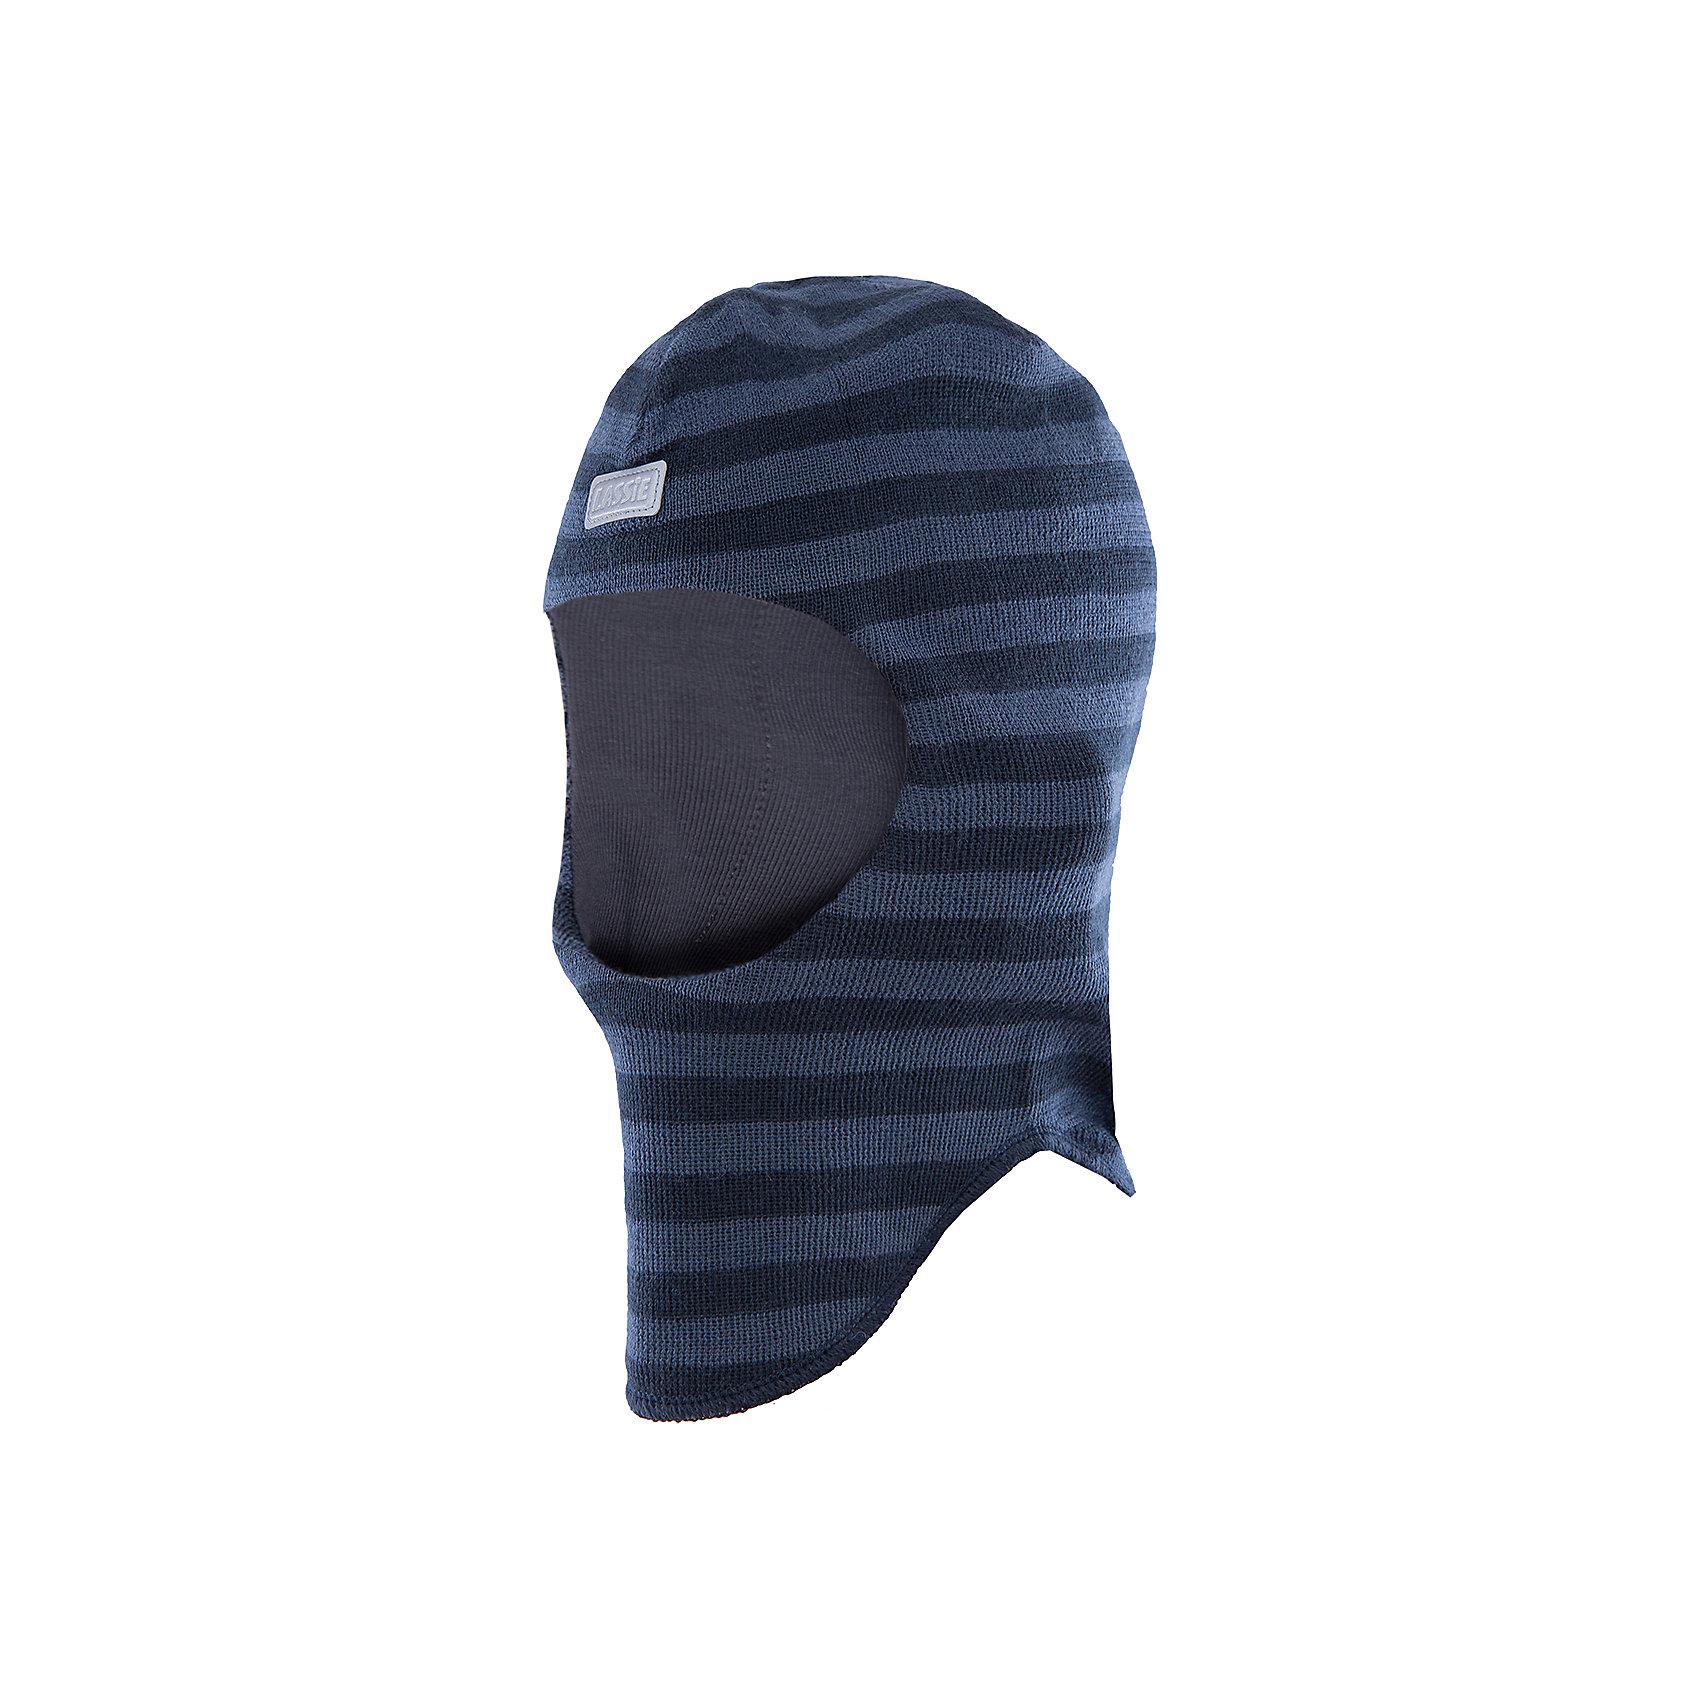 Шапка для мальчика LASSIEШапки и шарфы<br>Шапка-шлем для малышей известной финской марки.<br><br>- Мягкая и теплая ткань из смеси шерсти.<br>- Ветронепроницаемые вставки в области ушей.<br>- Мягкая подкладка из хлопка и эластана. <br>- Узор из цветных полос. <br>- Светоотражающая эмблема Lassie® спереди.<br><br> Рекомендации по уходу: Придать первоначальную форму вo влажном виде. Возможна усадка 5 %.<br><br>Состав: 50% Шерсть, 50% полиакрил.<br><br>Ширина мм: 89<br>Глубина мм: 117<br>Высота мм: 44<br>Вес г: 155<br>Цвет: черный<br>Возраст от месяцев: 6<br>Возраст до месяцев: 12<br>Пол: Мужской<br>Возраст: Детский<br>Размер: 44-46,54-56,46-48,50-52<br>SKU: 4781009